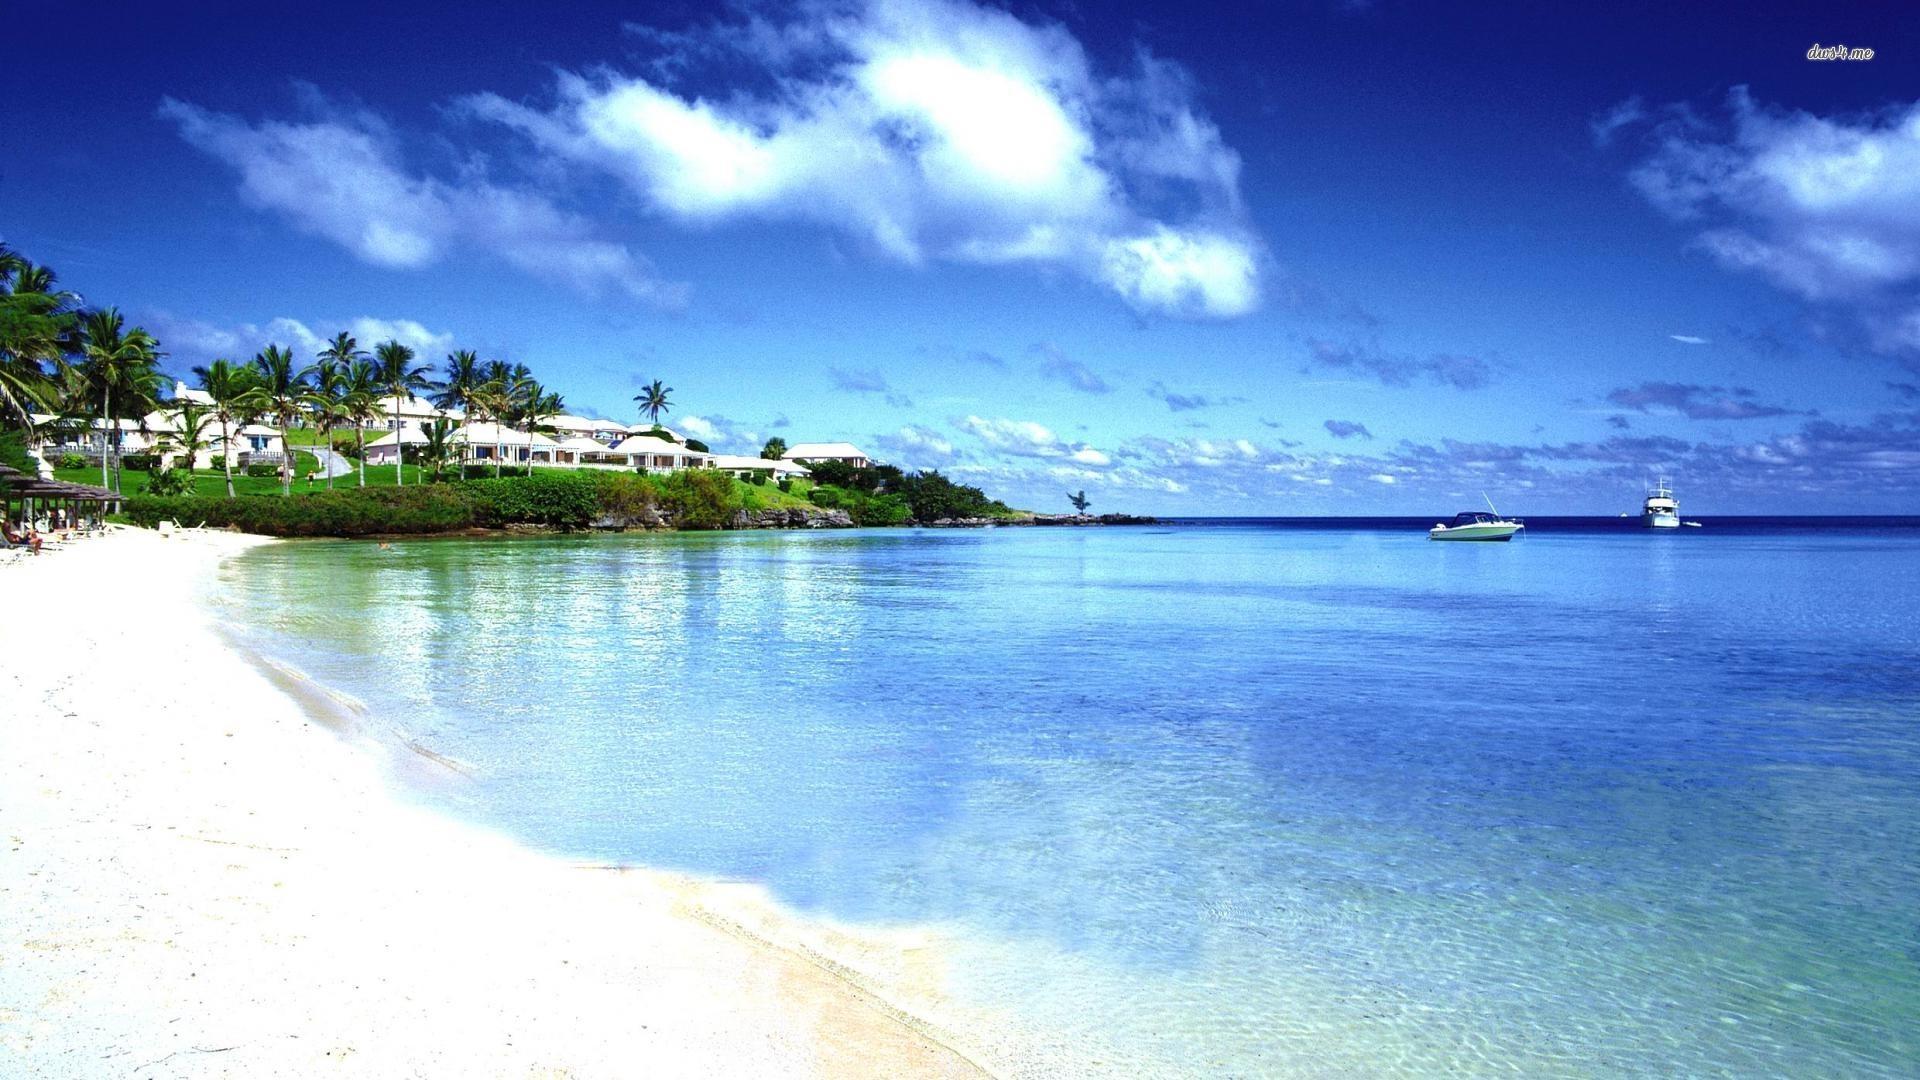 03 maldive destinazione paradiso - 3 6